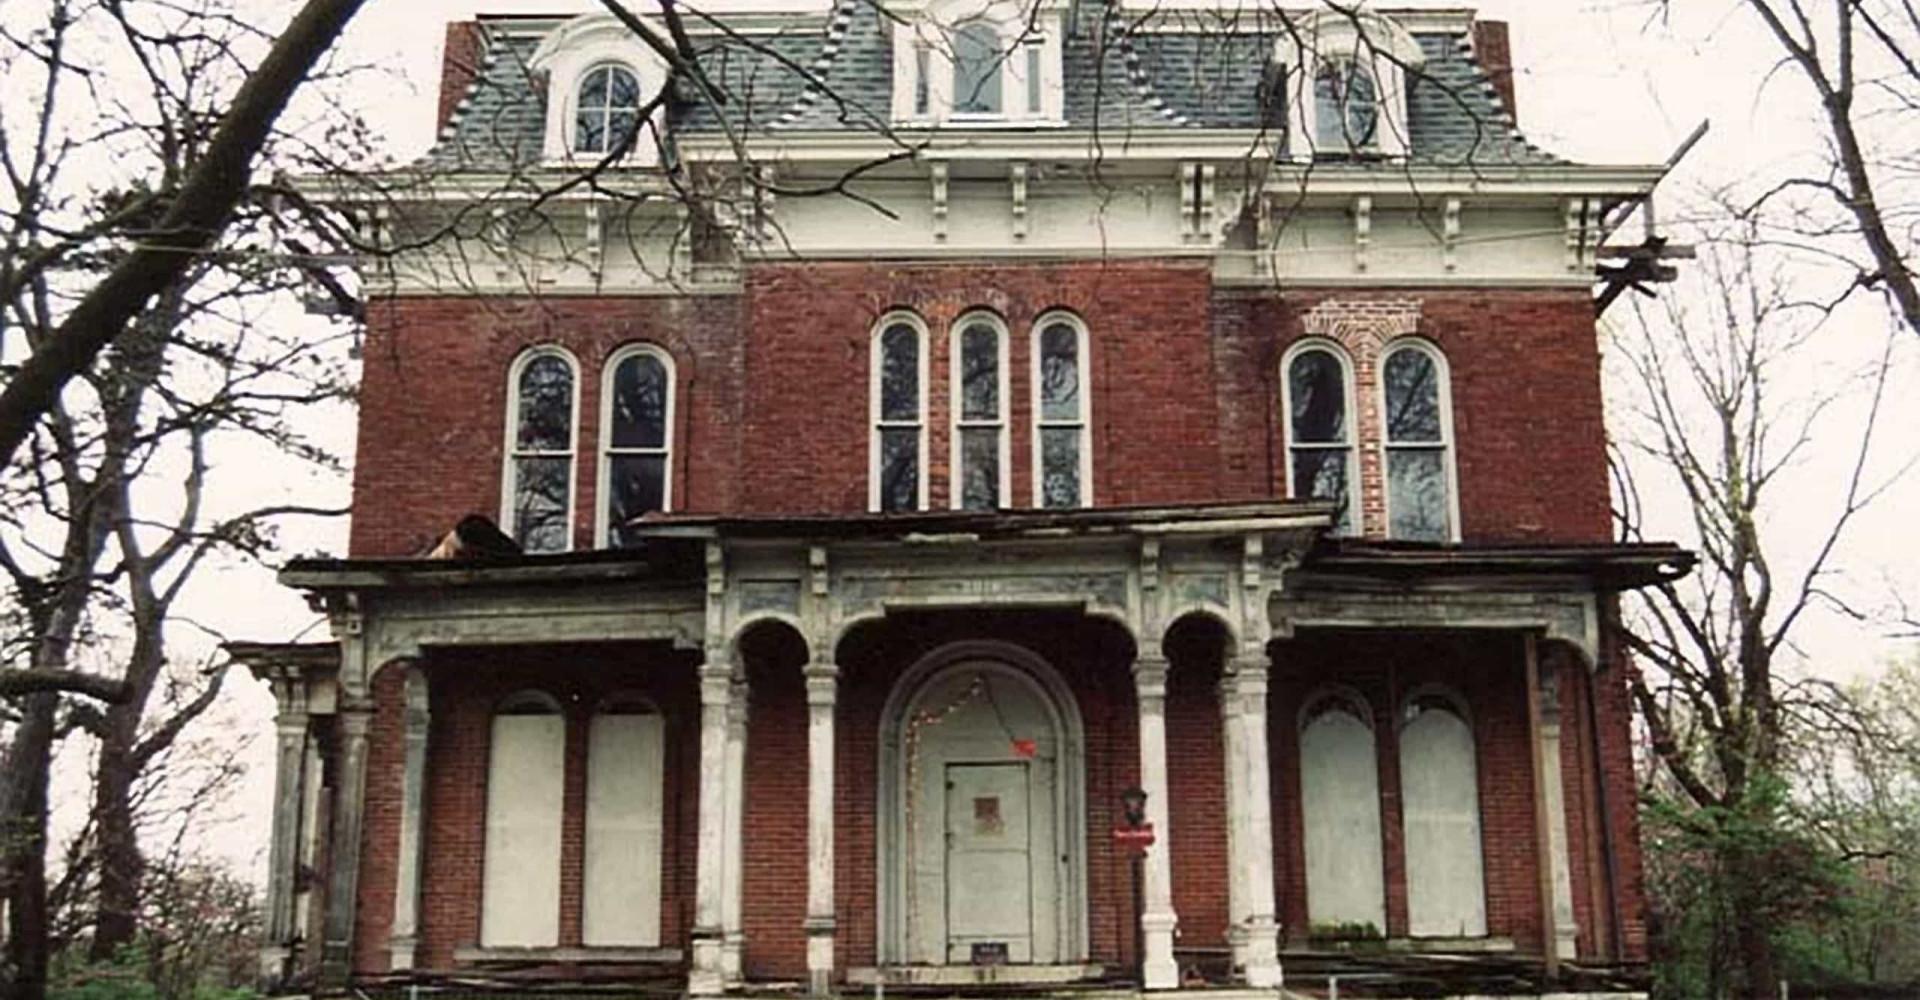 Assustador: veja as histórias que escondem estas casas assombradas